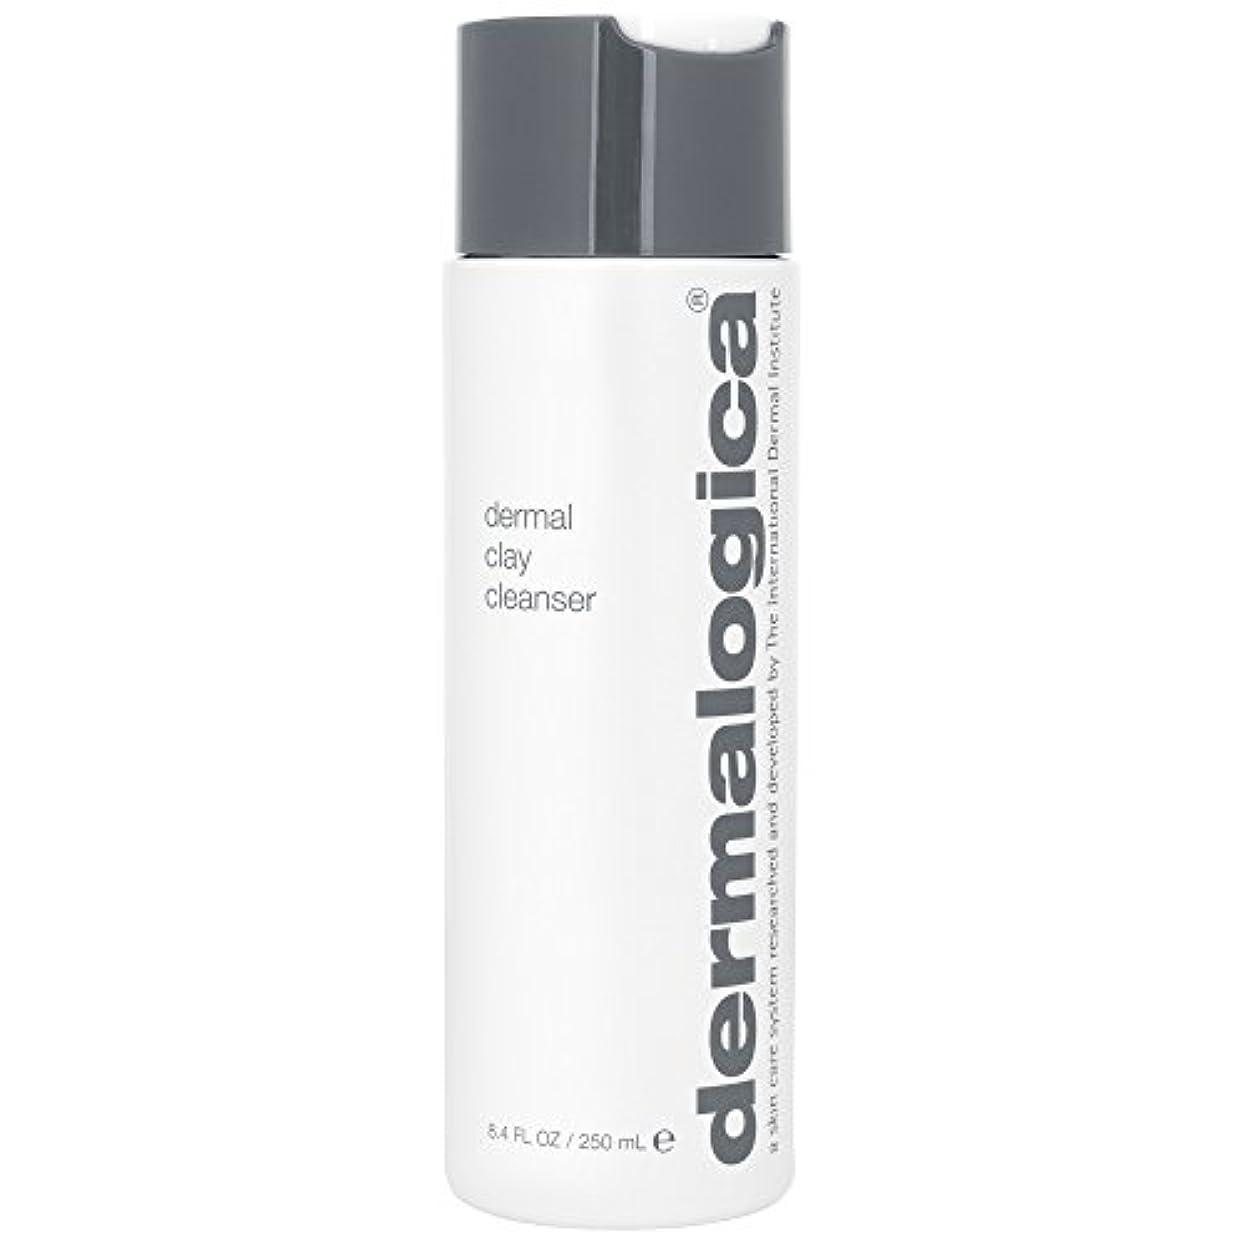 ダーマロジカ真皮クレイクレンザー250ミリリットル (Dermalogica) (x6) - Dermalogica Dermal Clay Cleanser 250ml (Pack of 6) [並行輸入品]